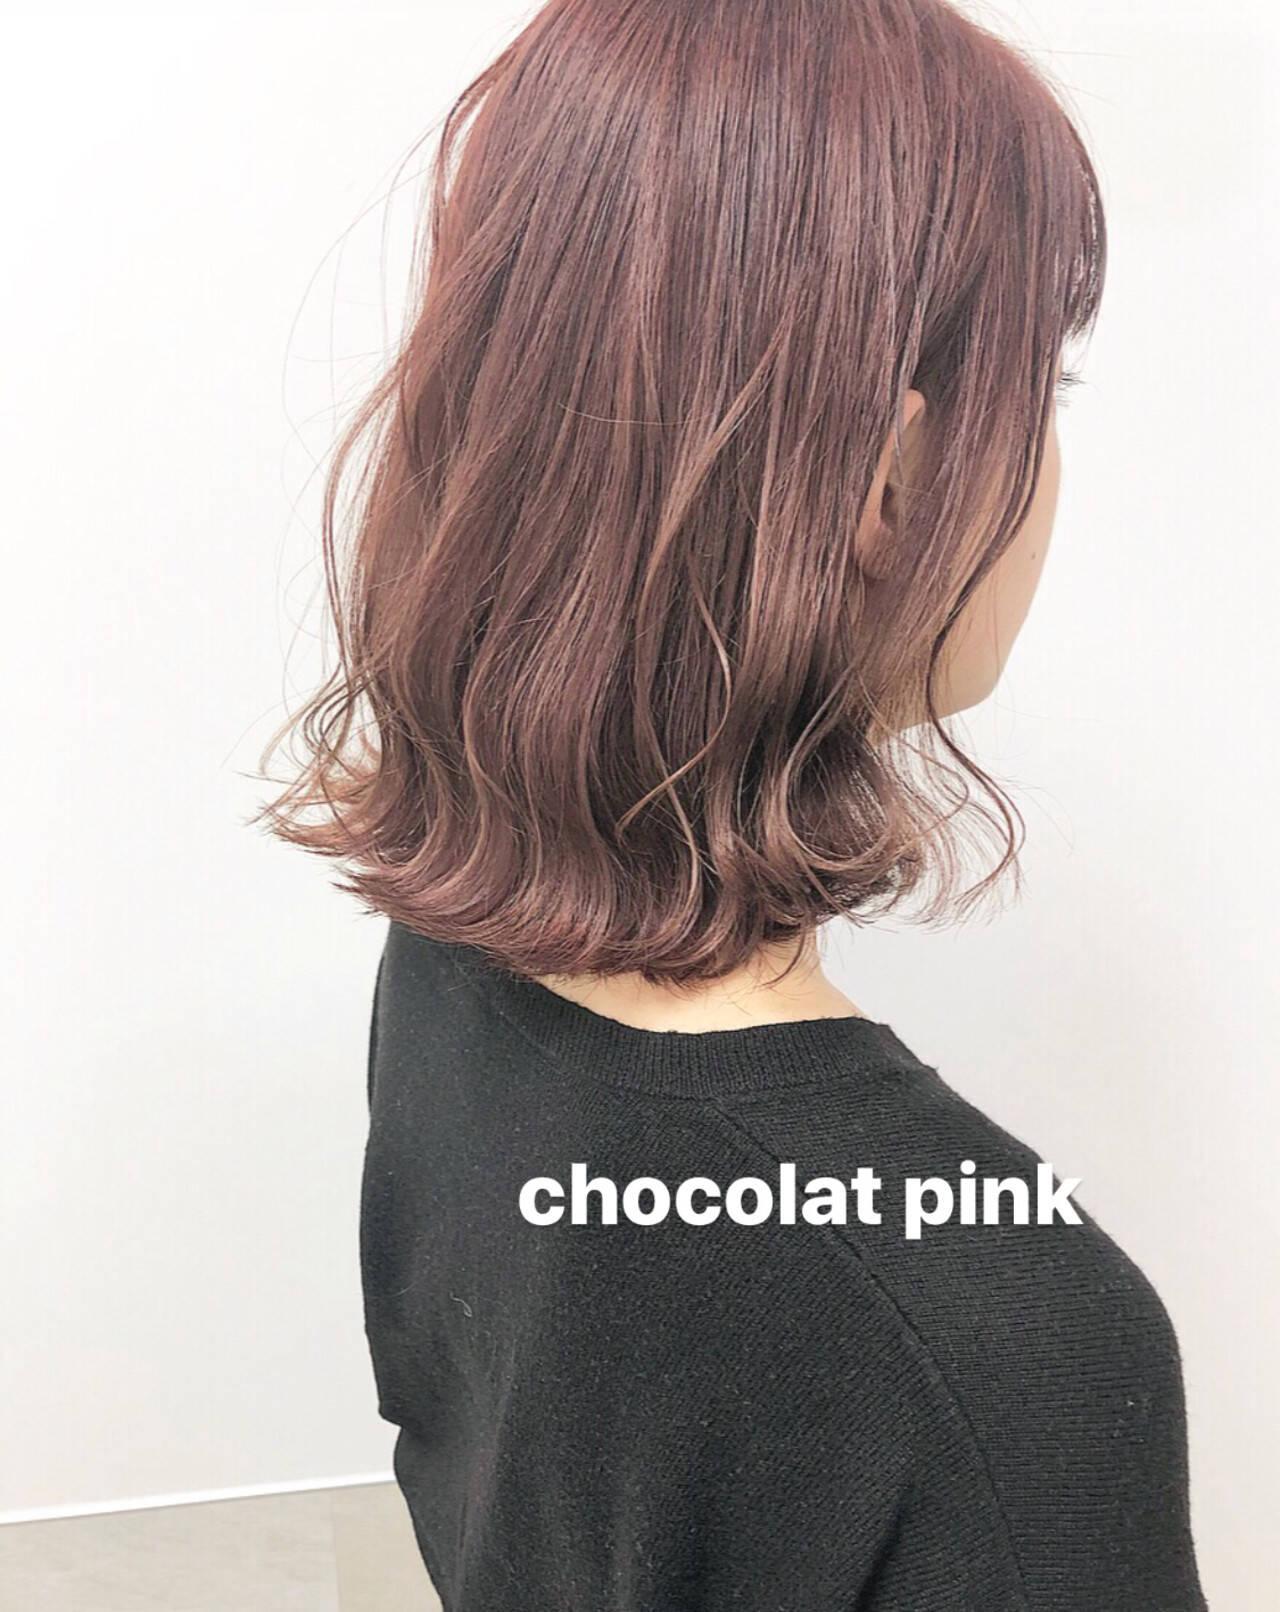 ミディアム ナチュラル 大人可愛い ピンクベージュヘアスタイルや髪型の写真・画像